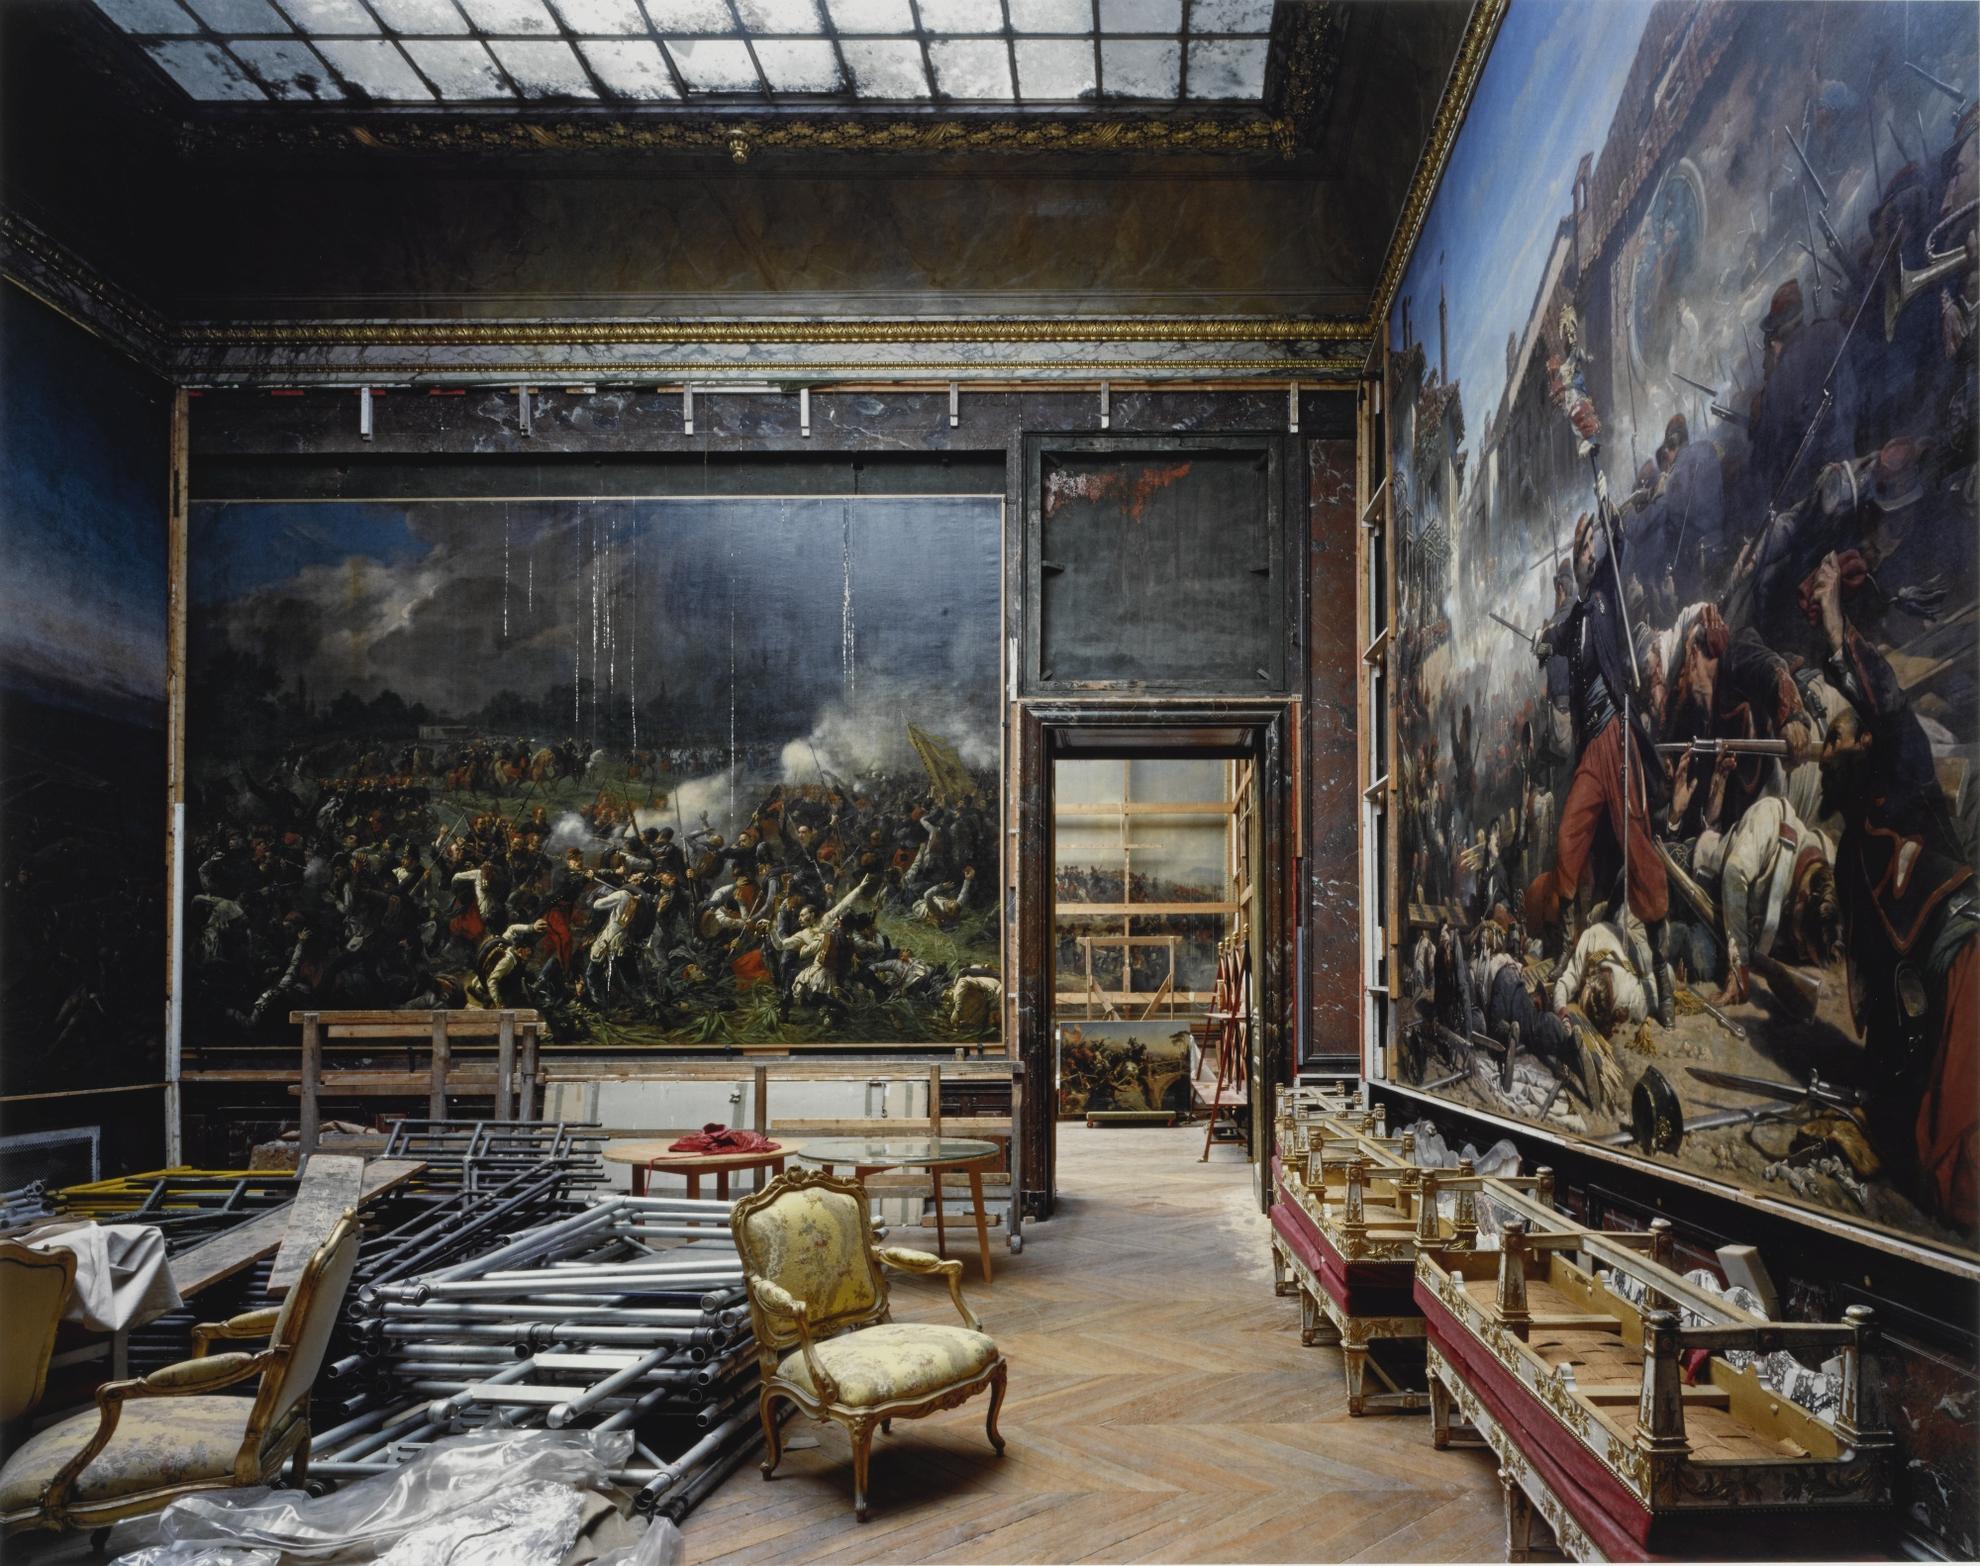 Robert Polidori-Salle De Crimee Sud, (99) Anr.02.036, Salles De Lafrique, Aile Du Nord - 1Er Etage, Versailles-1985